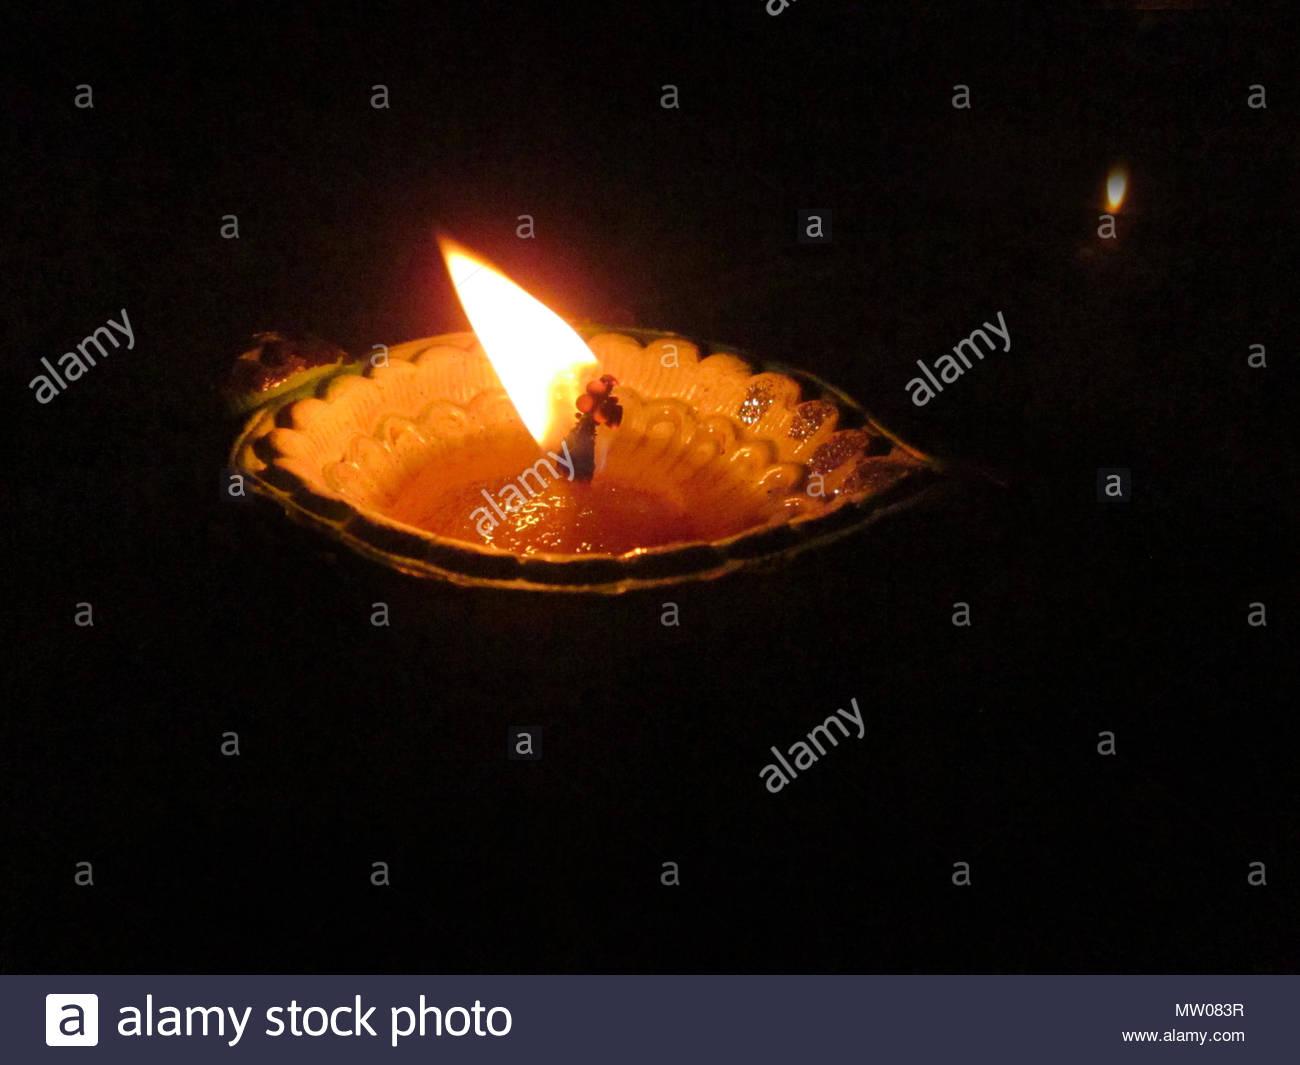 Lampe A Huile Indienne De Priere Allume Un Feu Un Feu Rouge Sur Un